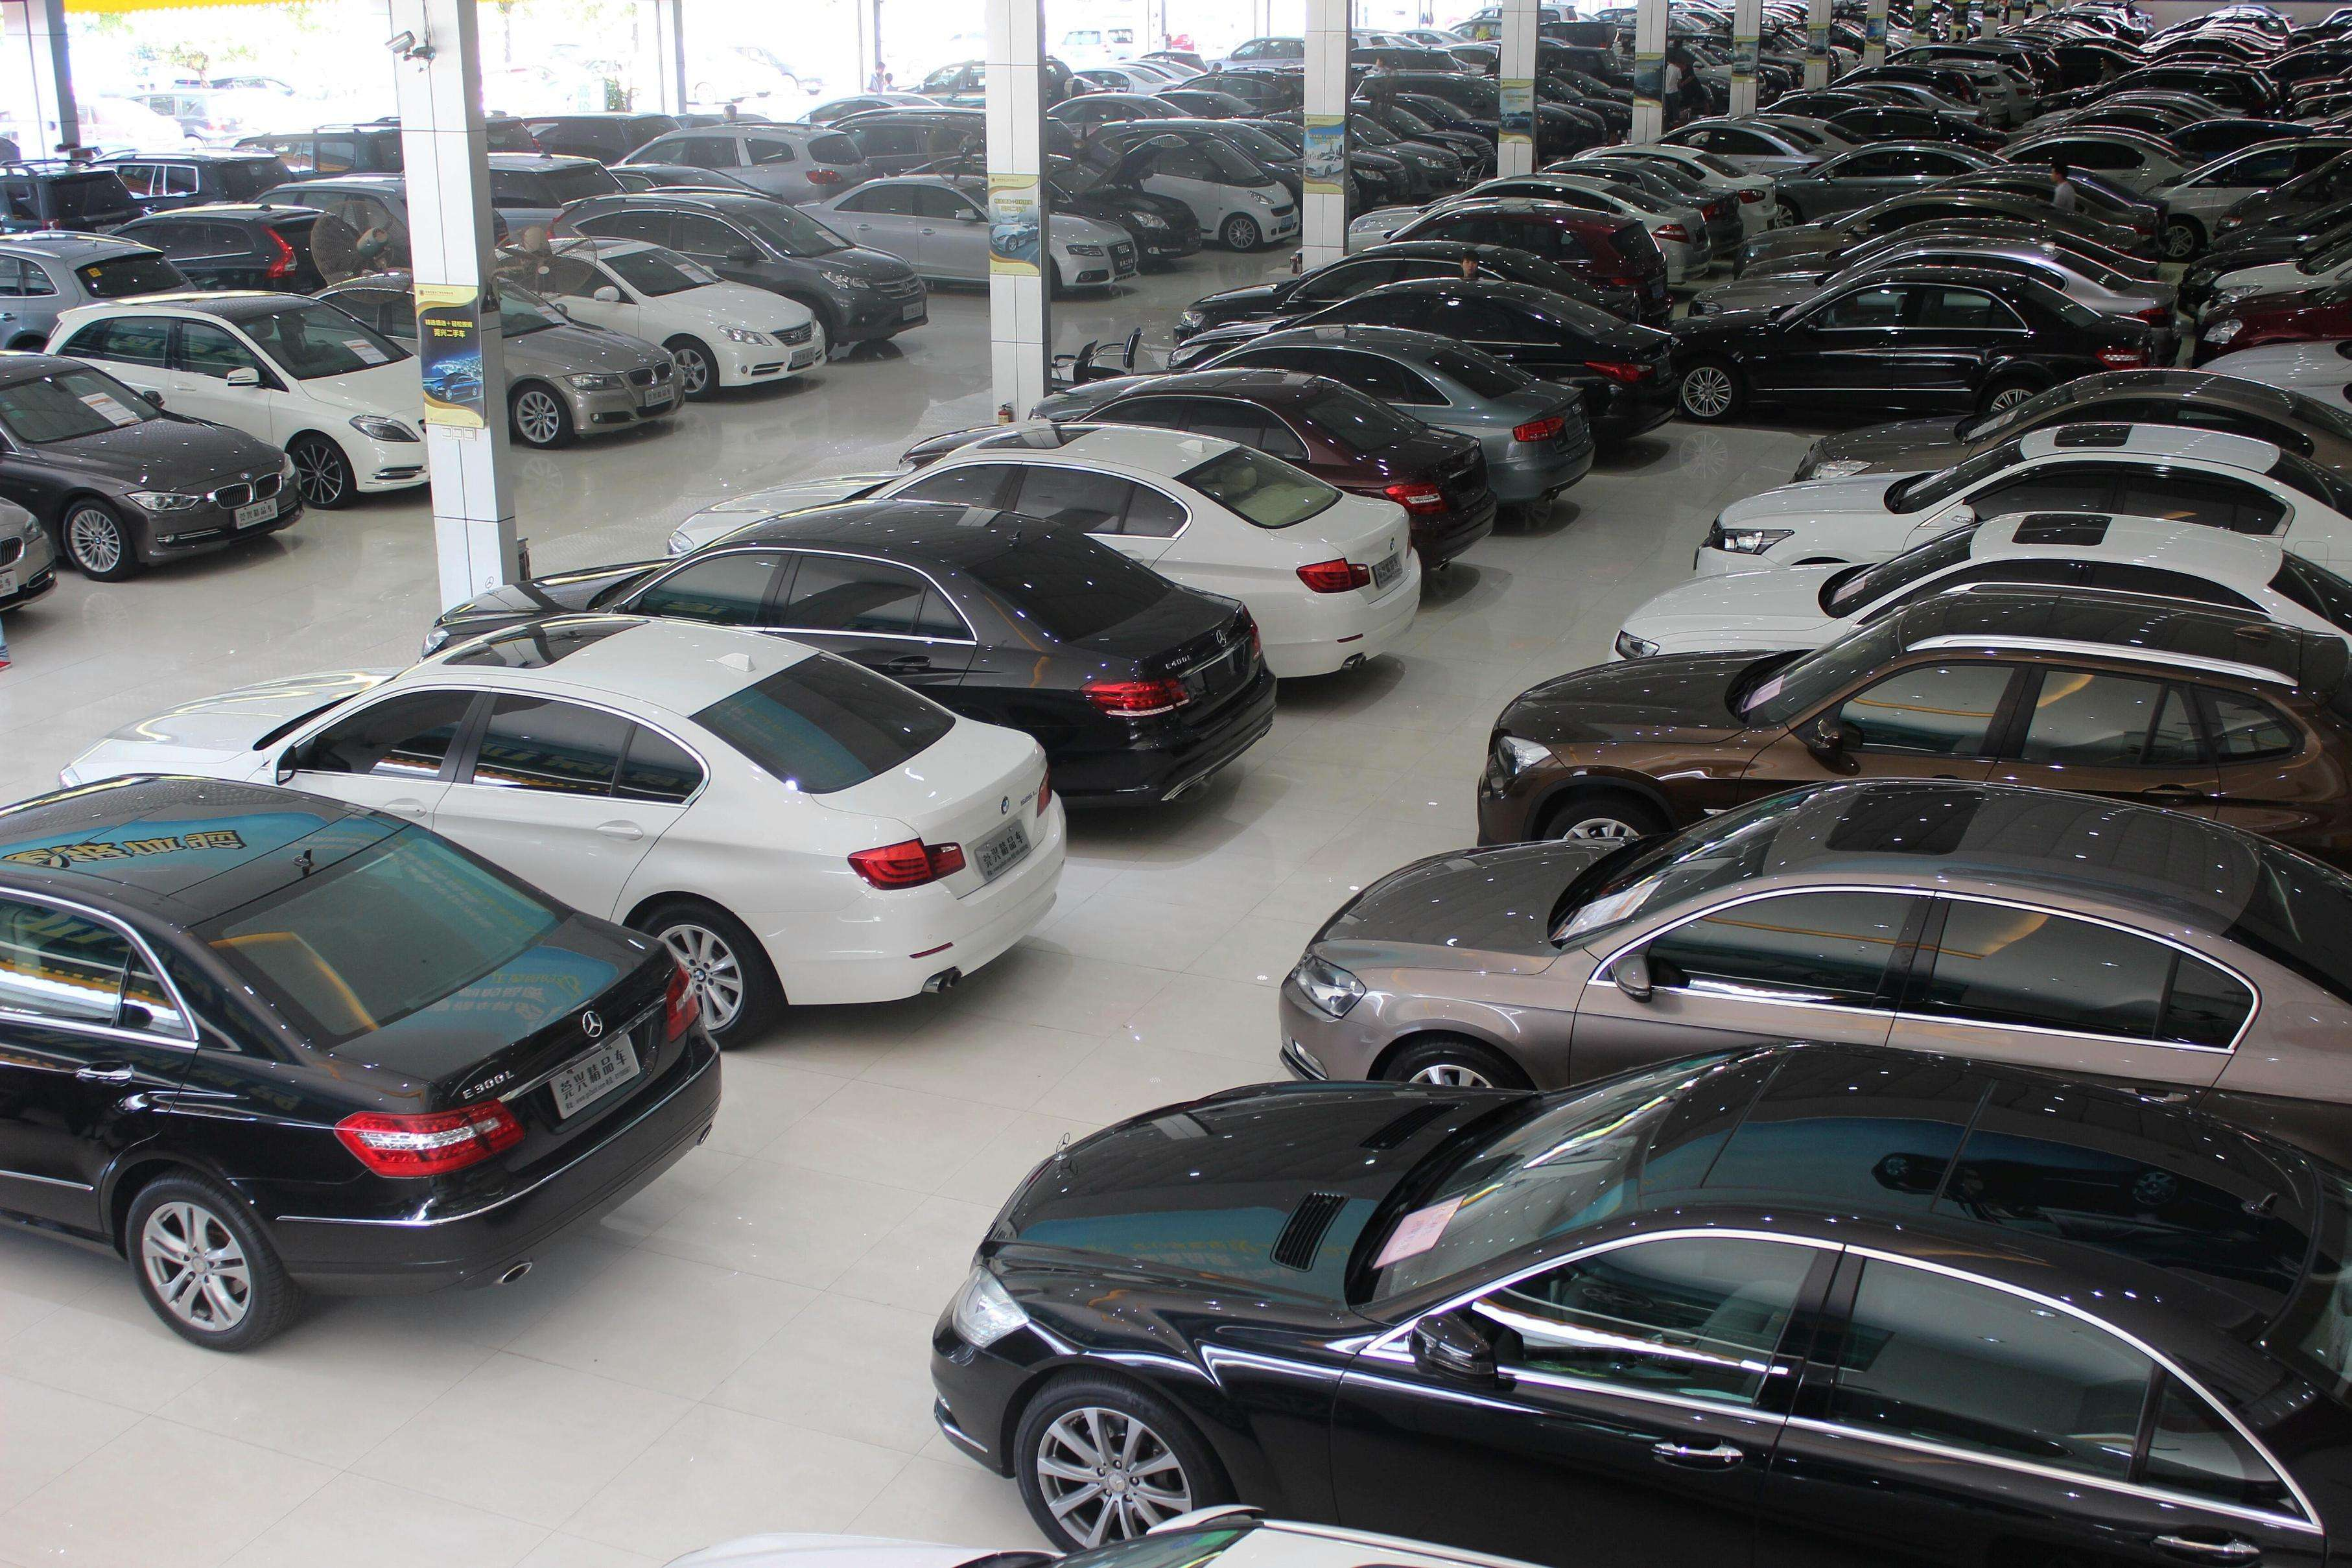 老司机都不敢碰的几类二手车,价格再低也不要